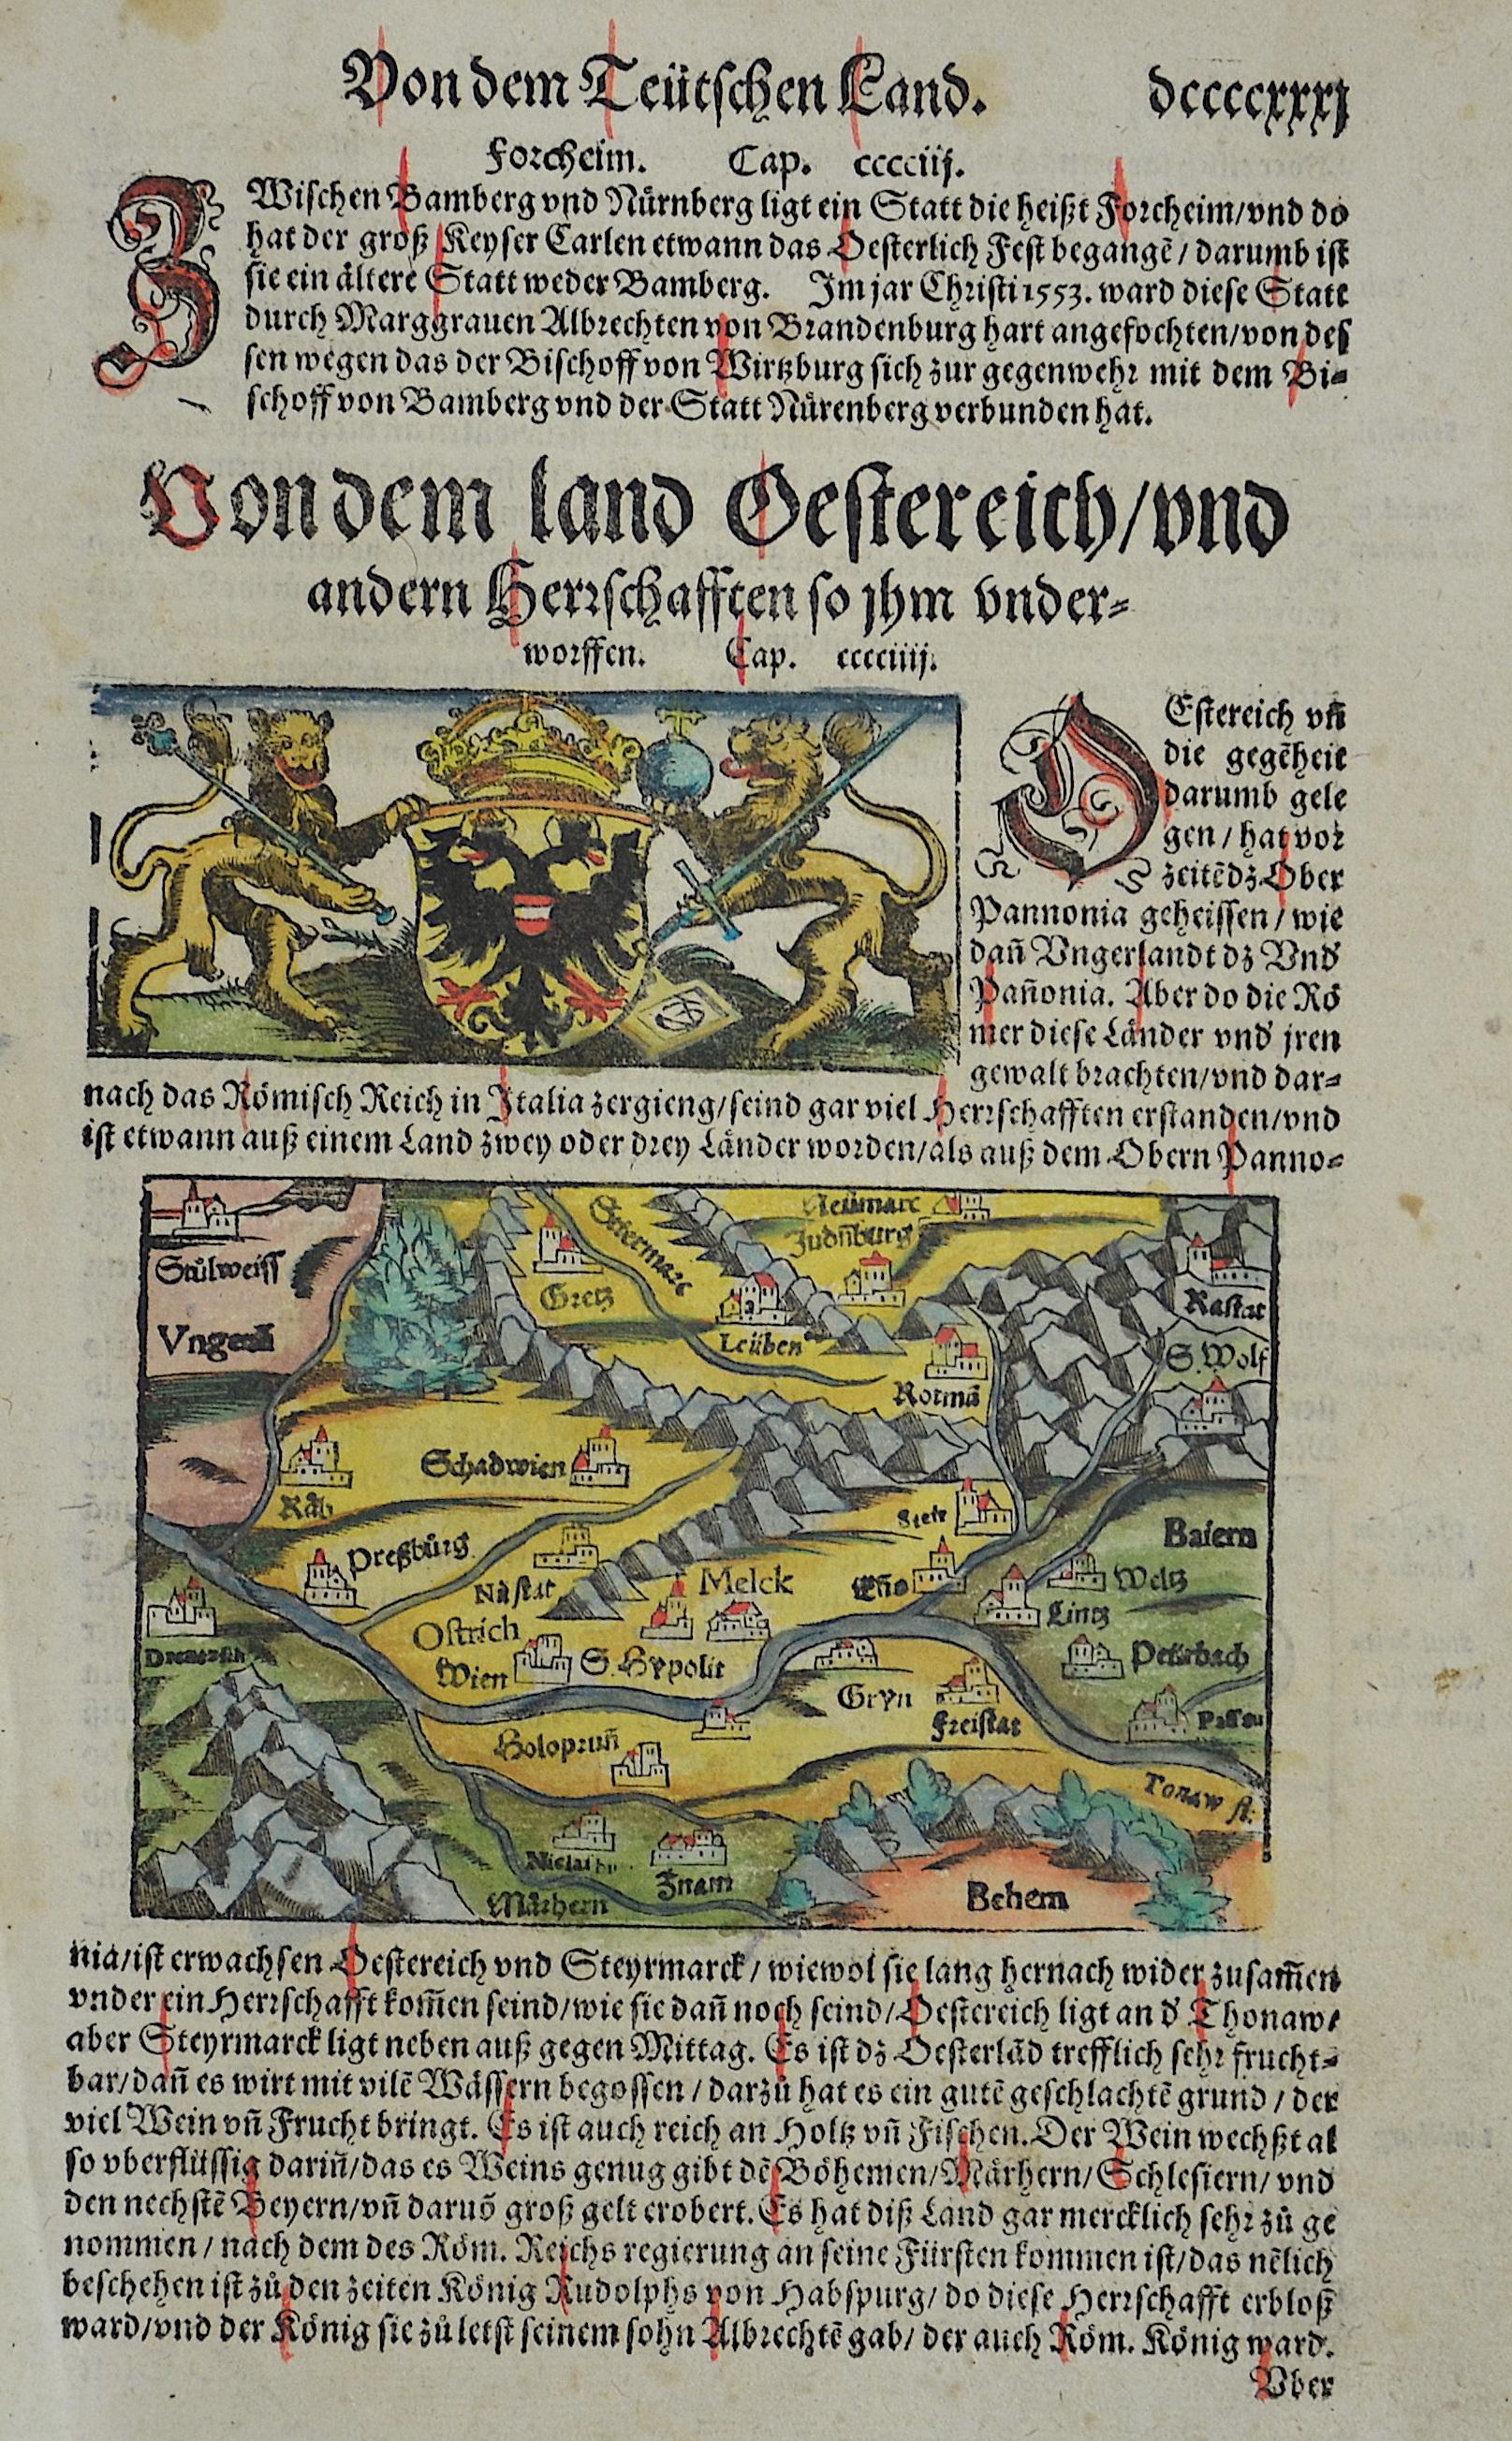 Münster  Von dem ladt Oestereich/und andern Herrschafften so ihn underworfen